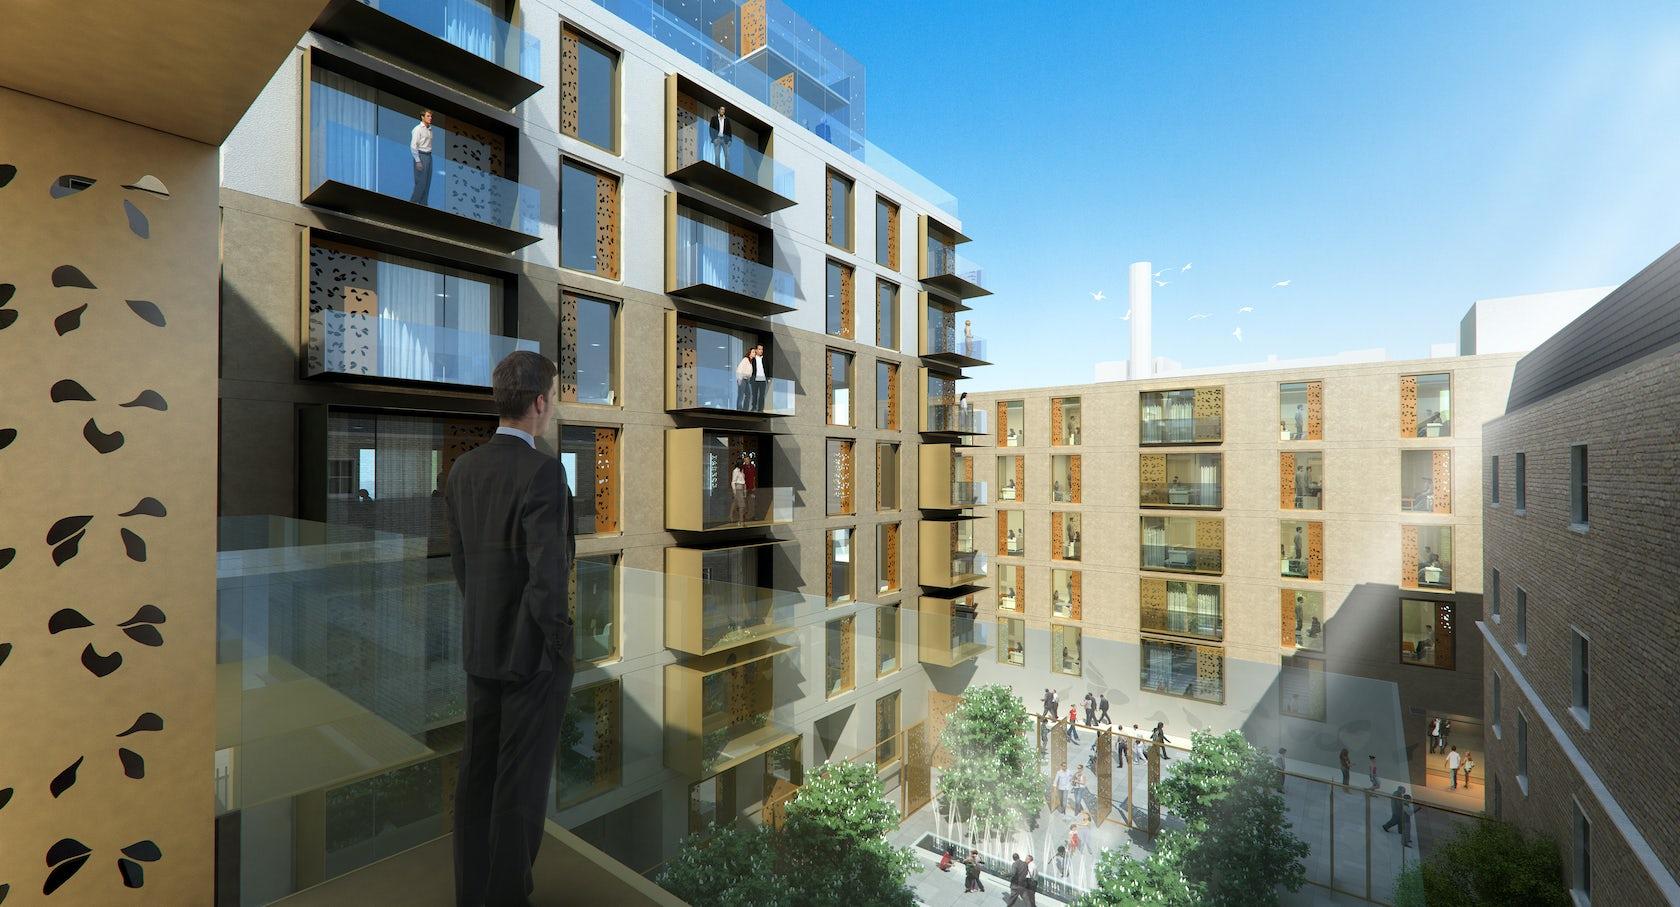 Cleveland Website Design Development Firm: Cleveland St Housing Development